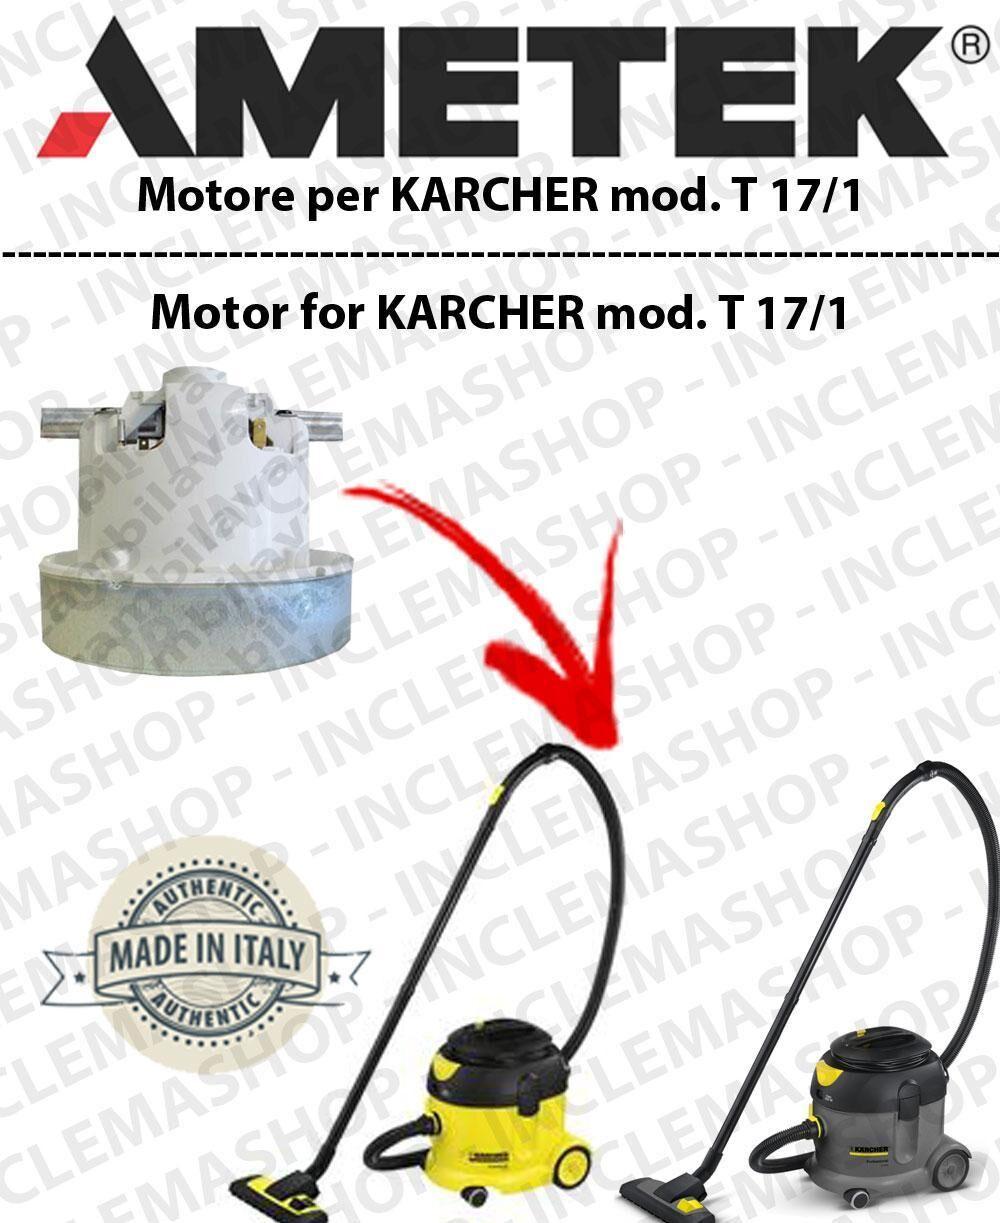 Karcher T 19/1 MOTORE AMETEK di aspirazione per aspirapolvere